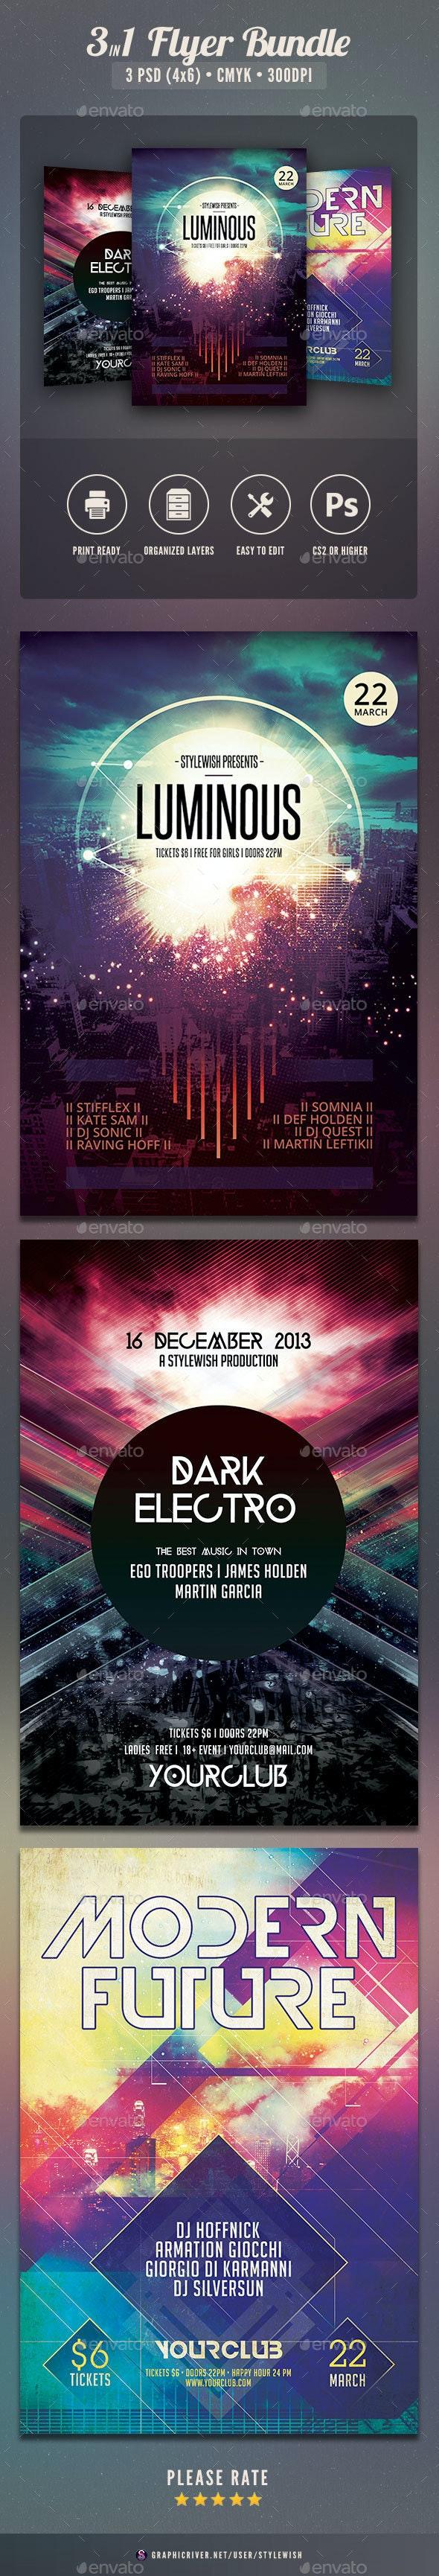 Party Flyer Bundle Vol.16 - Clubs & Parties Events